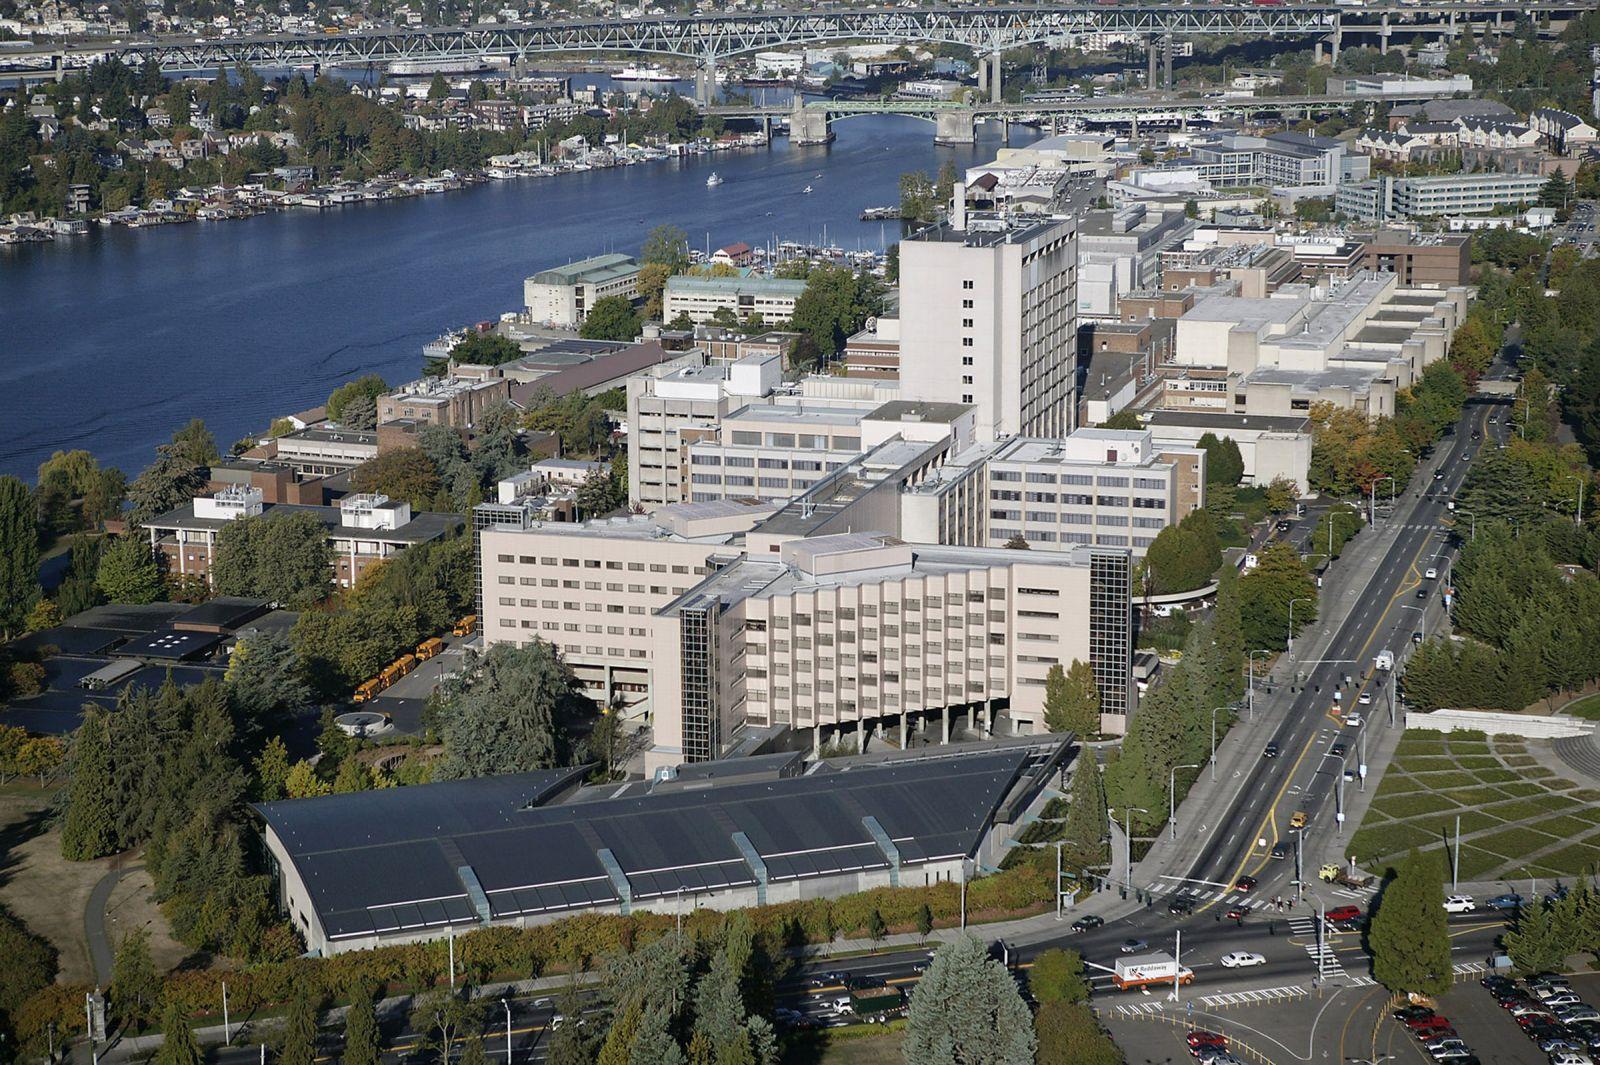 Washington Training Center Washington Medical Center